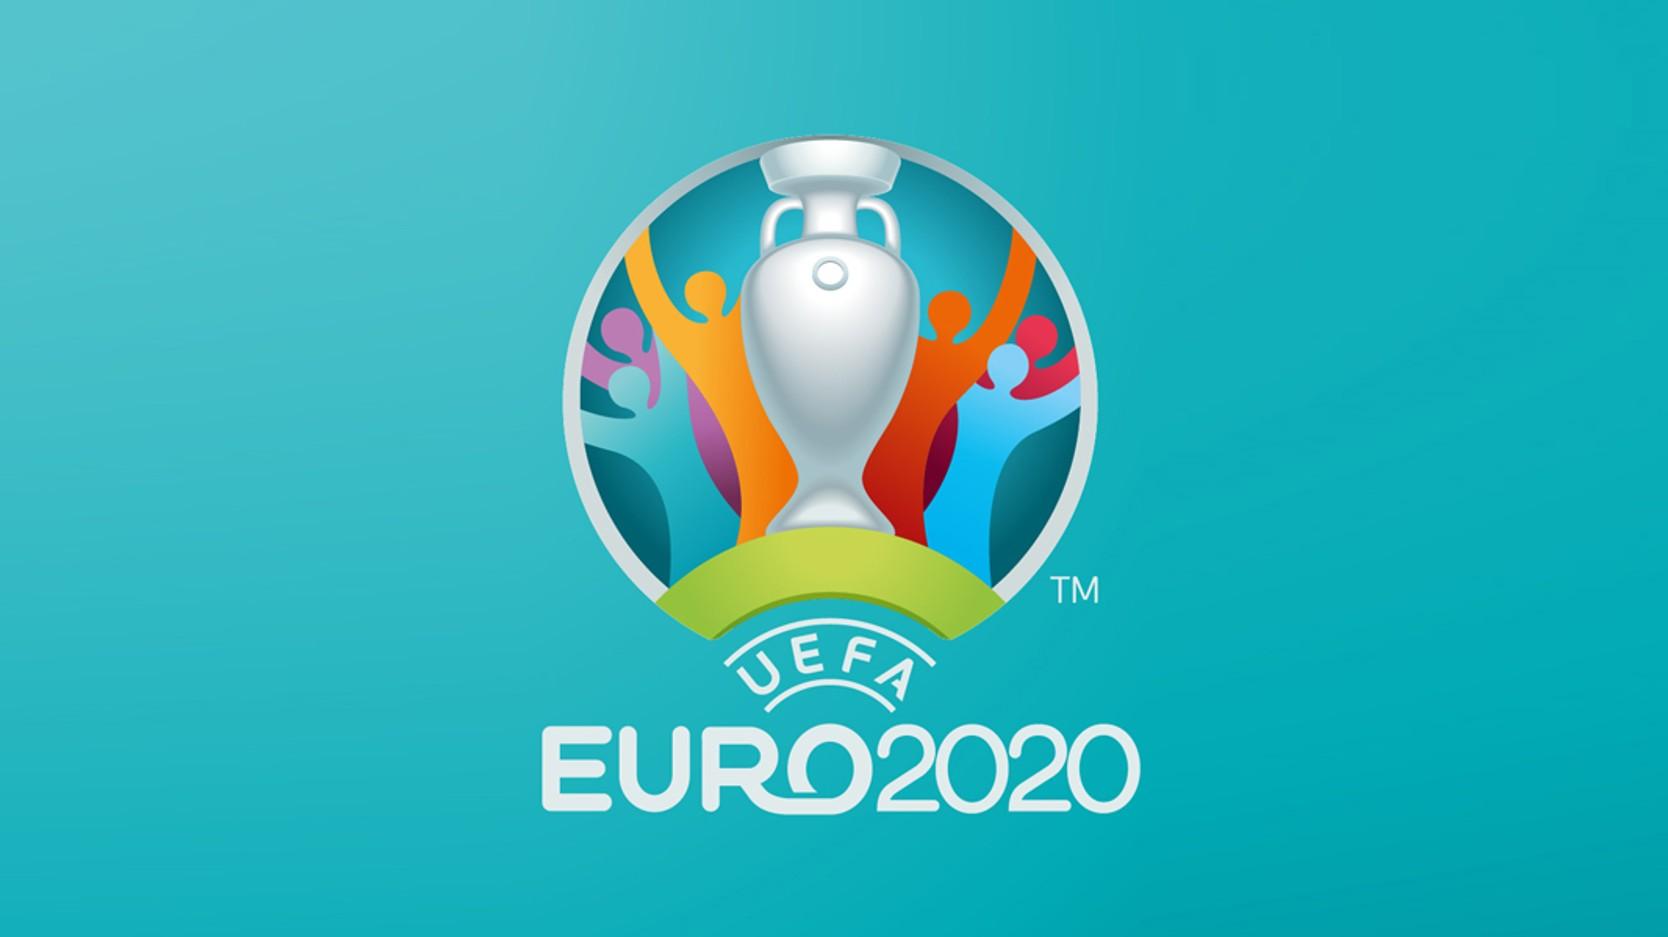 """EURO 2020 """"width ="""" 1668 """"height ="""" 937 """"srcset ="""" https://www.technopat.net/wp-content/uploads/2021/02/EURO-2020.jpg 1668w, https: //www.technopat .net / wp-content / uploads / 2021/02 / EURO-2020-640x360.jpg 640w, https://www.technopat.net/wp-content/uploads/2021/02/EURO-2020-1536x863.jpg 1536w , https://www.technopat.net/wp-content/uploads/2021/02/EURO-2020-748x420.jpg 748w, https://www.technopat.net/wp-content/uploads/2021/02/ EURO-2020-681x383.jpg 681w """"tailles ="""" (largeur maximale: 1668px) 100vw, 1668px"""